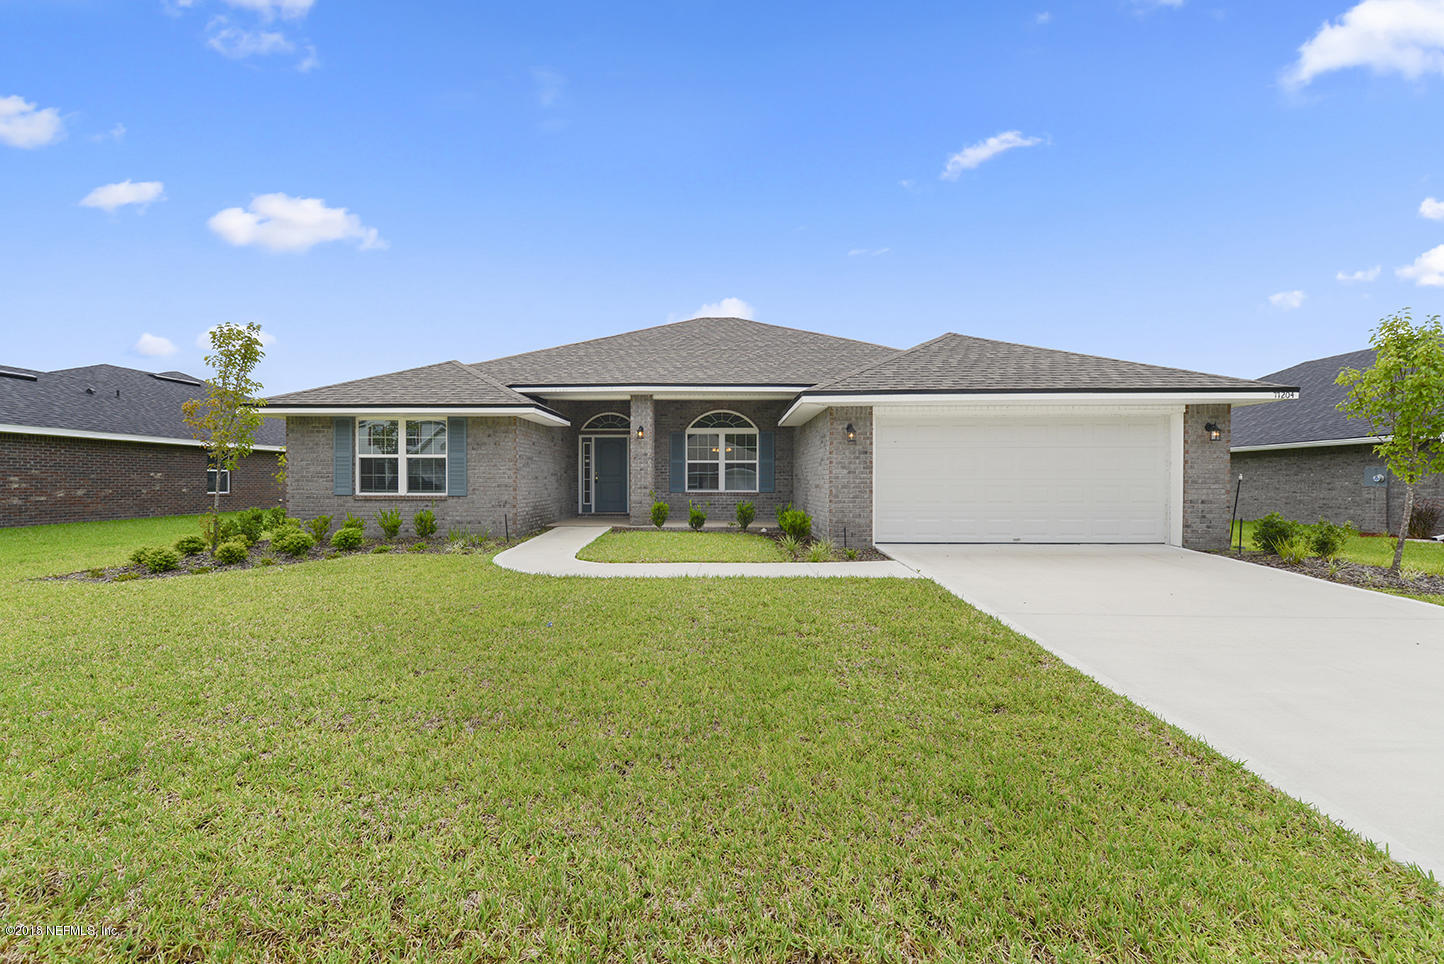 77204 LUMBER CREEK, YULEE, FLORIDA 32097, 4 Bedrooms Bedrooms, ,2 BathroomsBathrooms,Residential - single family,For sale,LUMBER CREEK,945371